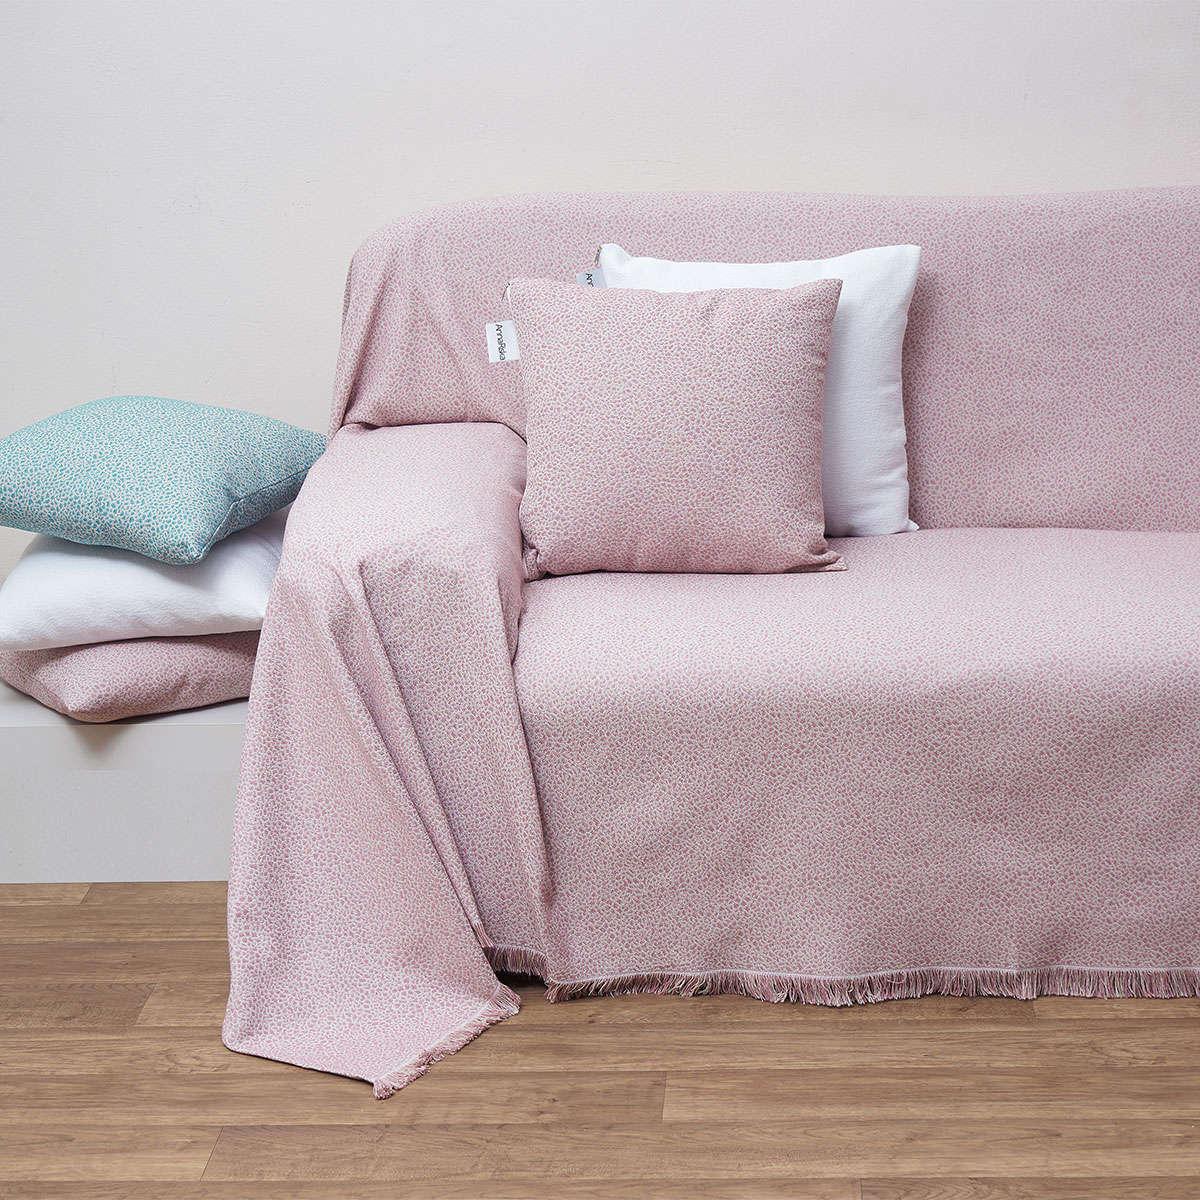 Ριχτάρι Ζακάρ Des. 1554 Blush Pink Anna Riska Διθέσιο 180x240cm